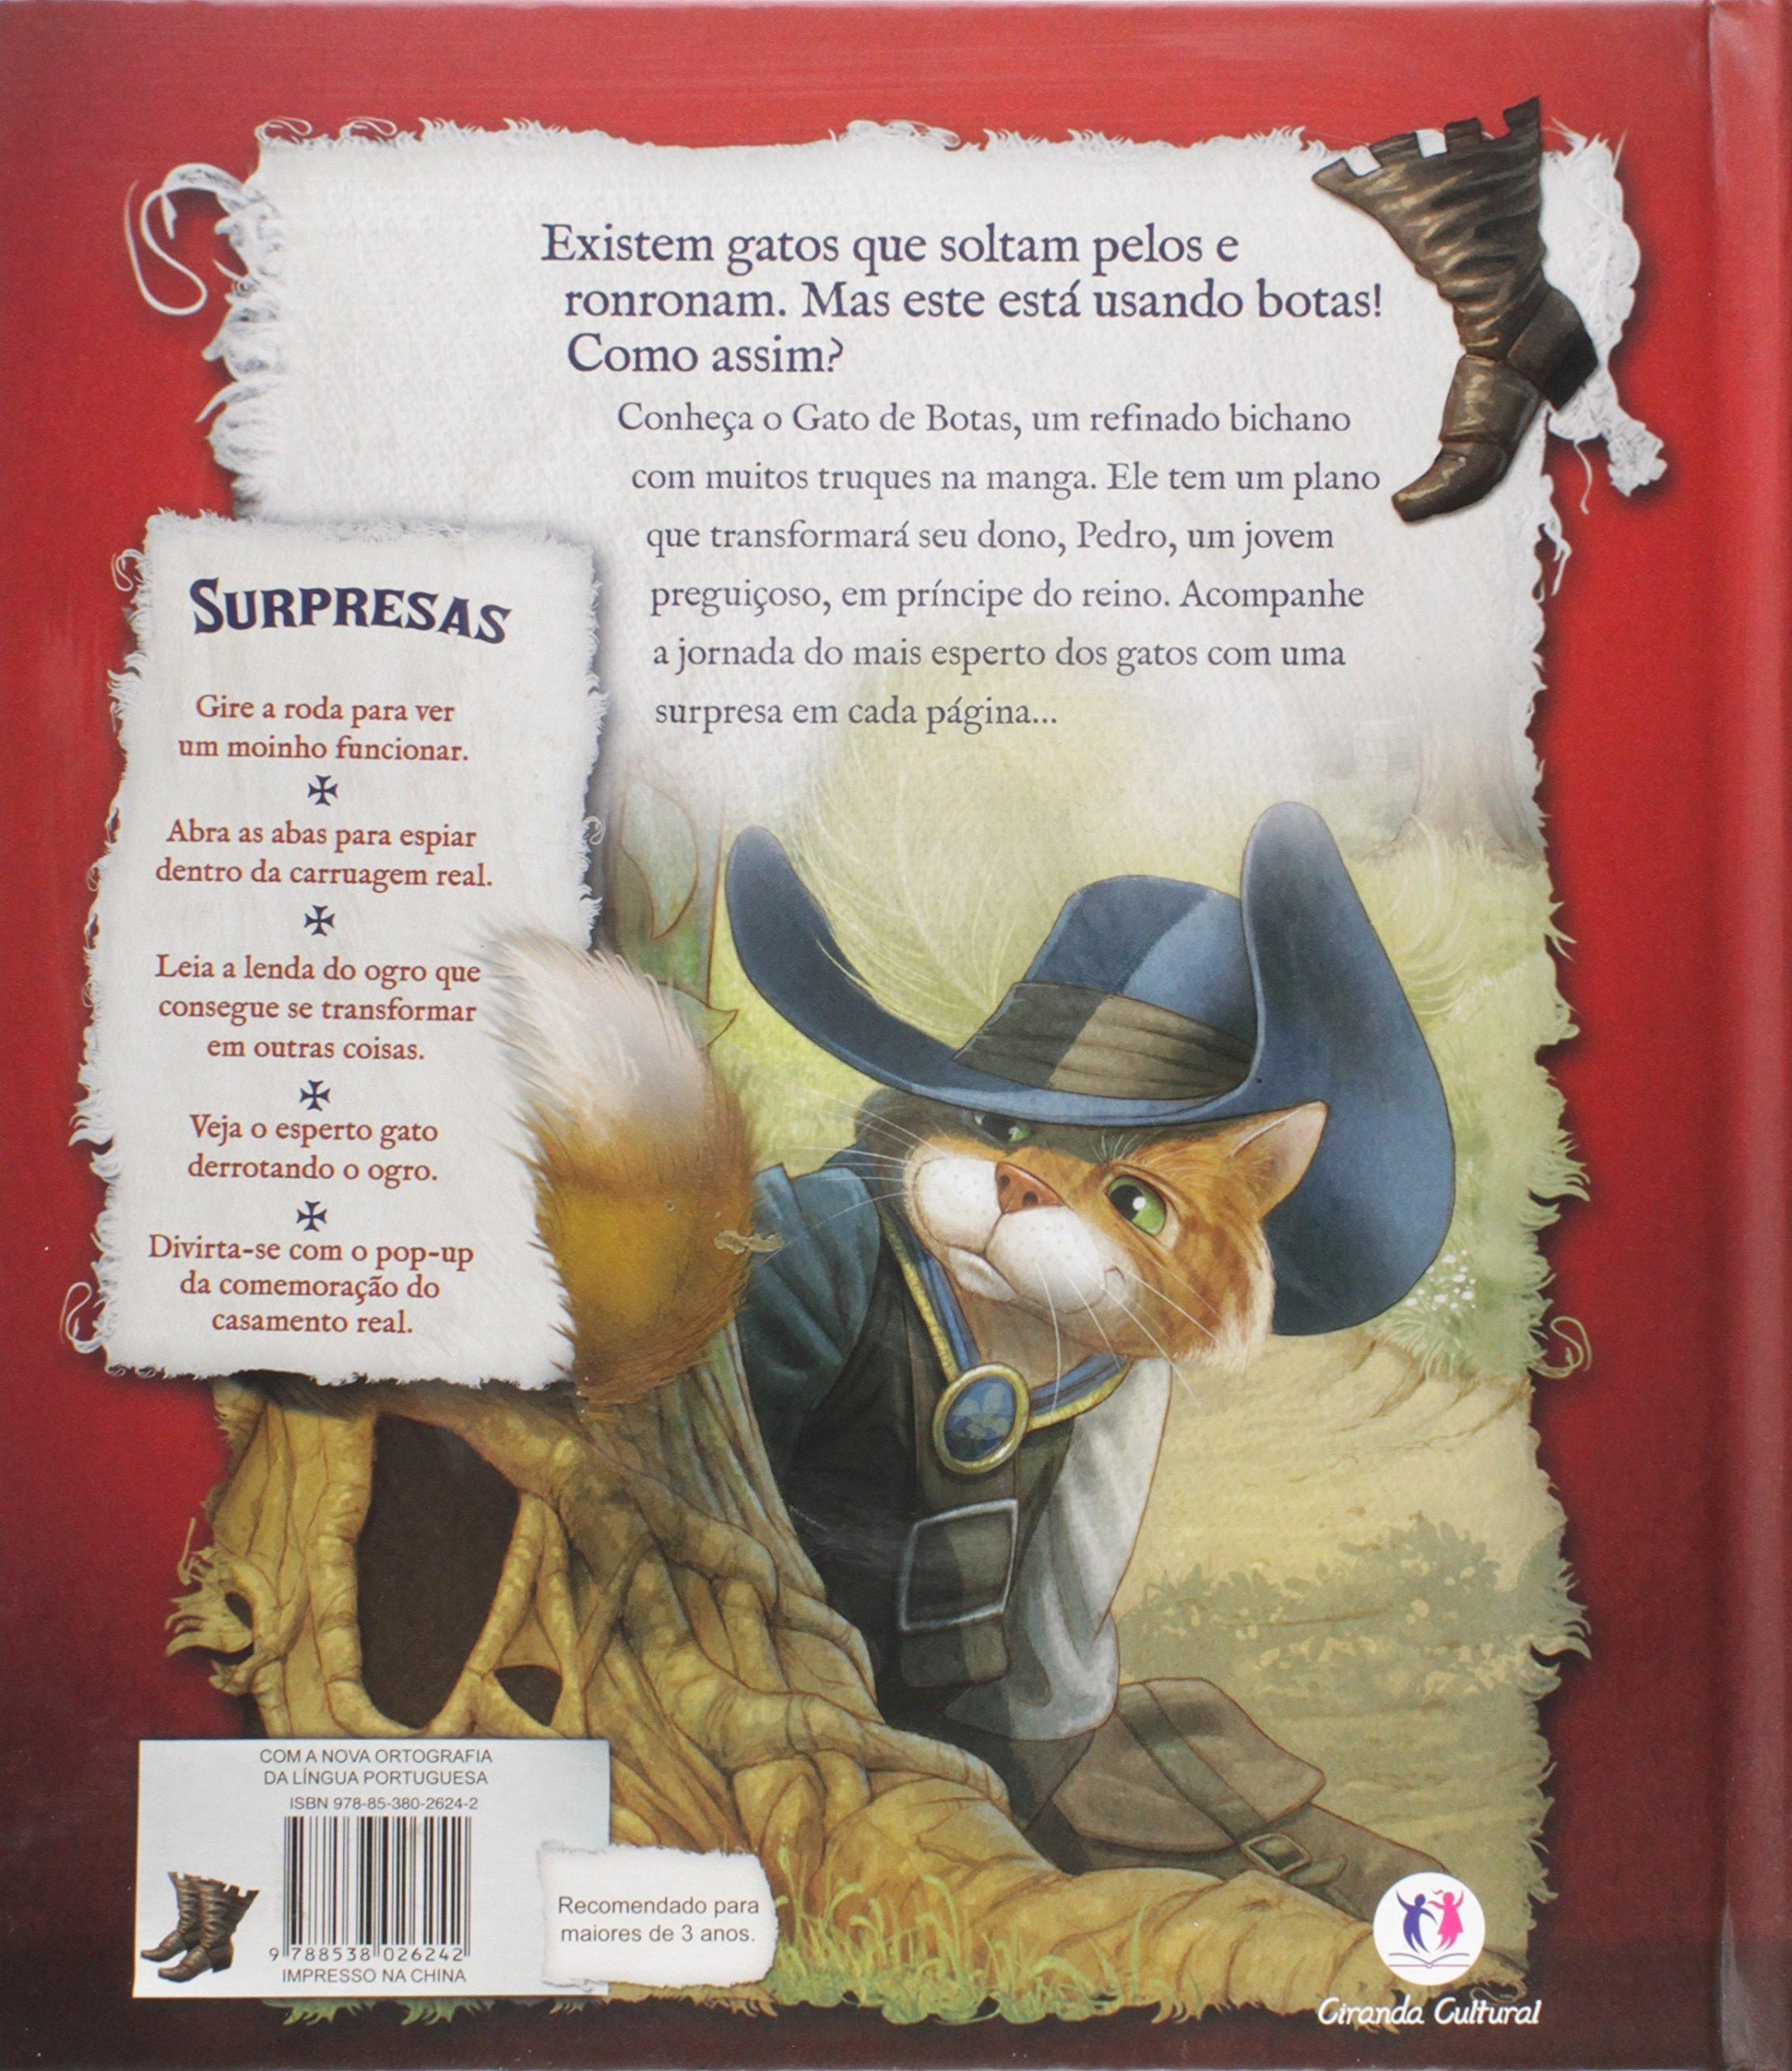 Gato de Botas, O - Livro Pop-up: Stella Gurney: 9788538026242: Amazon.com: Books